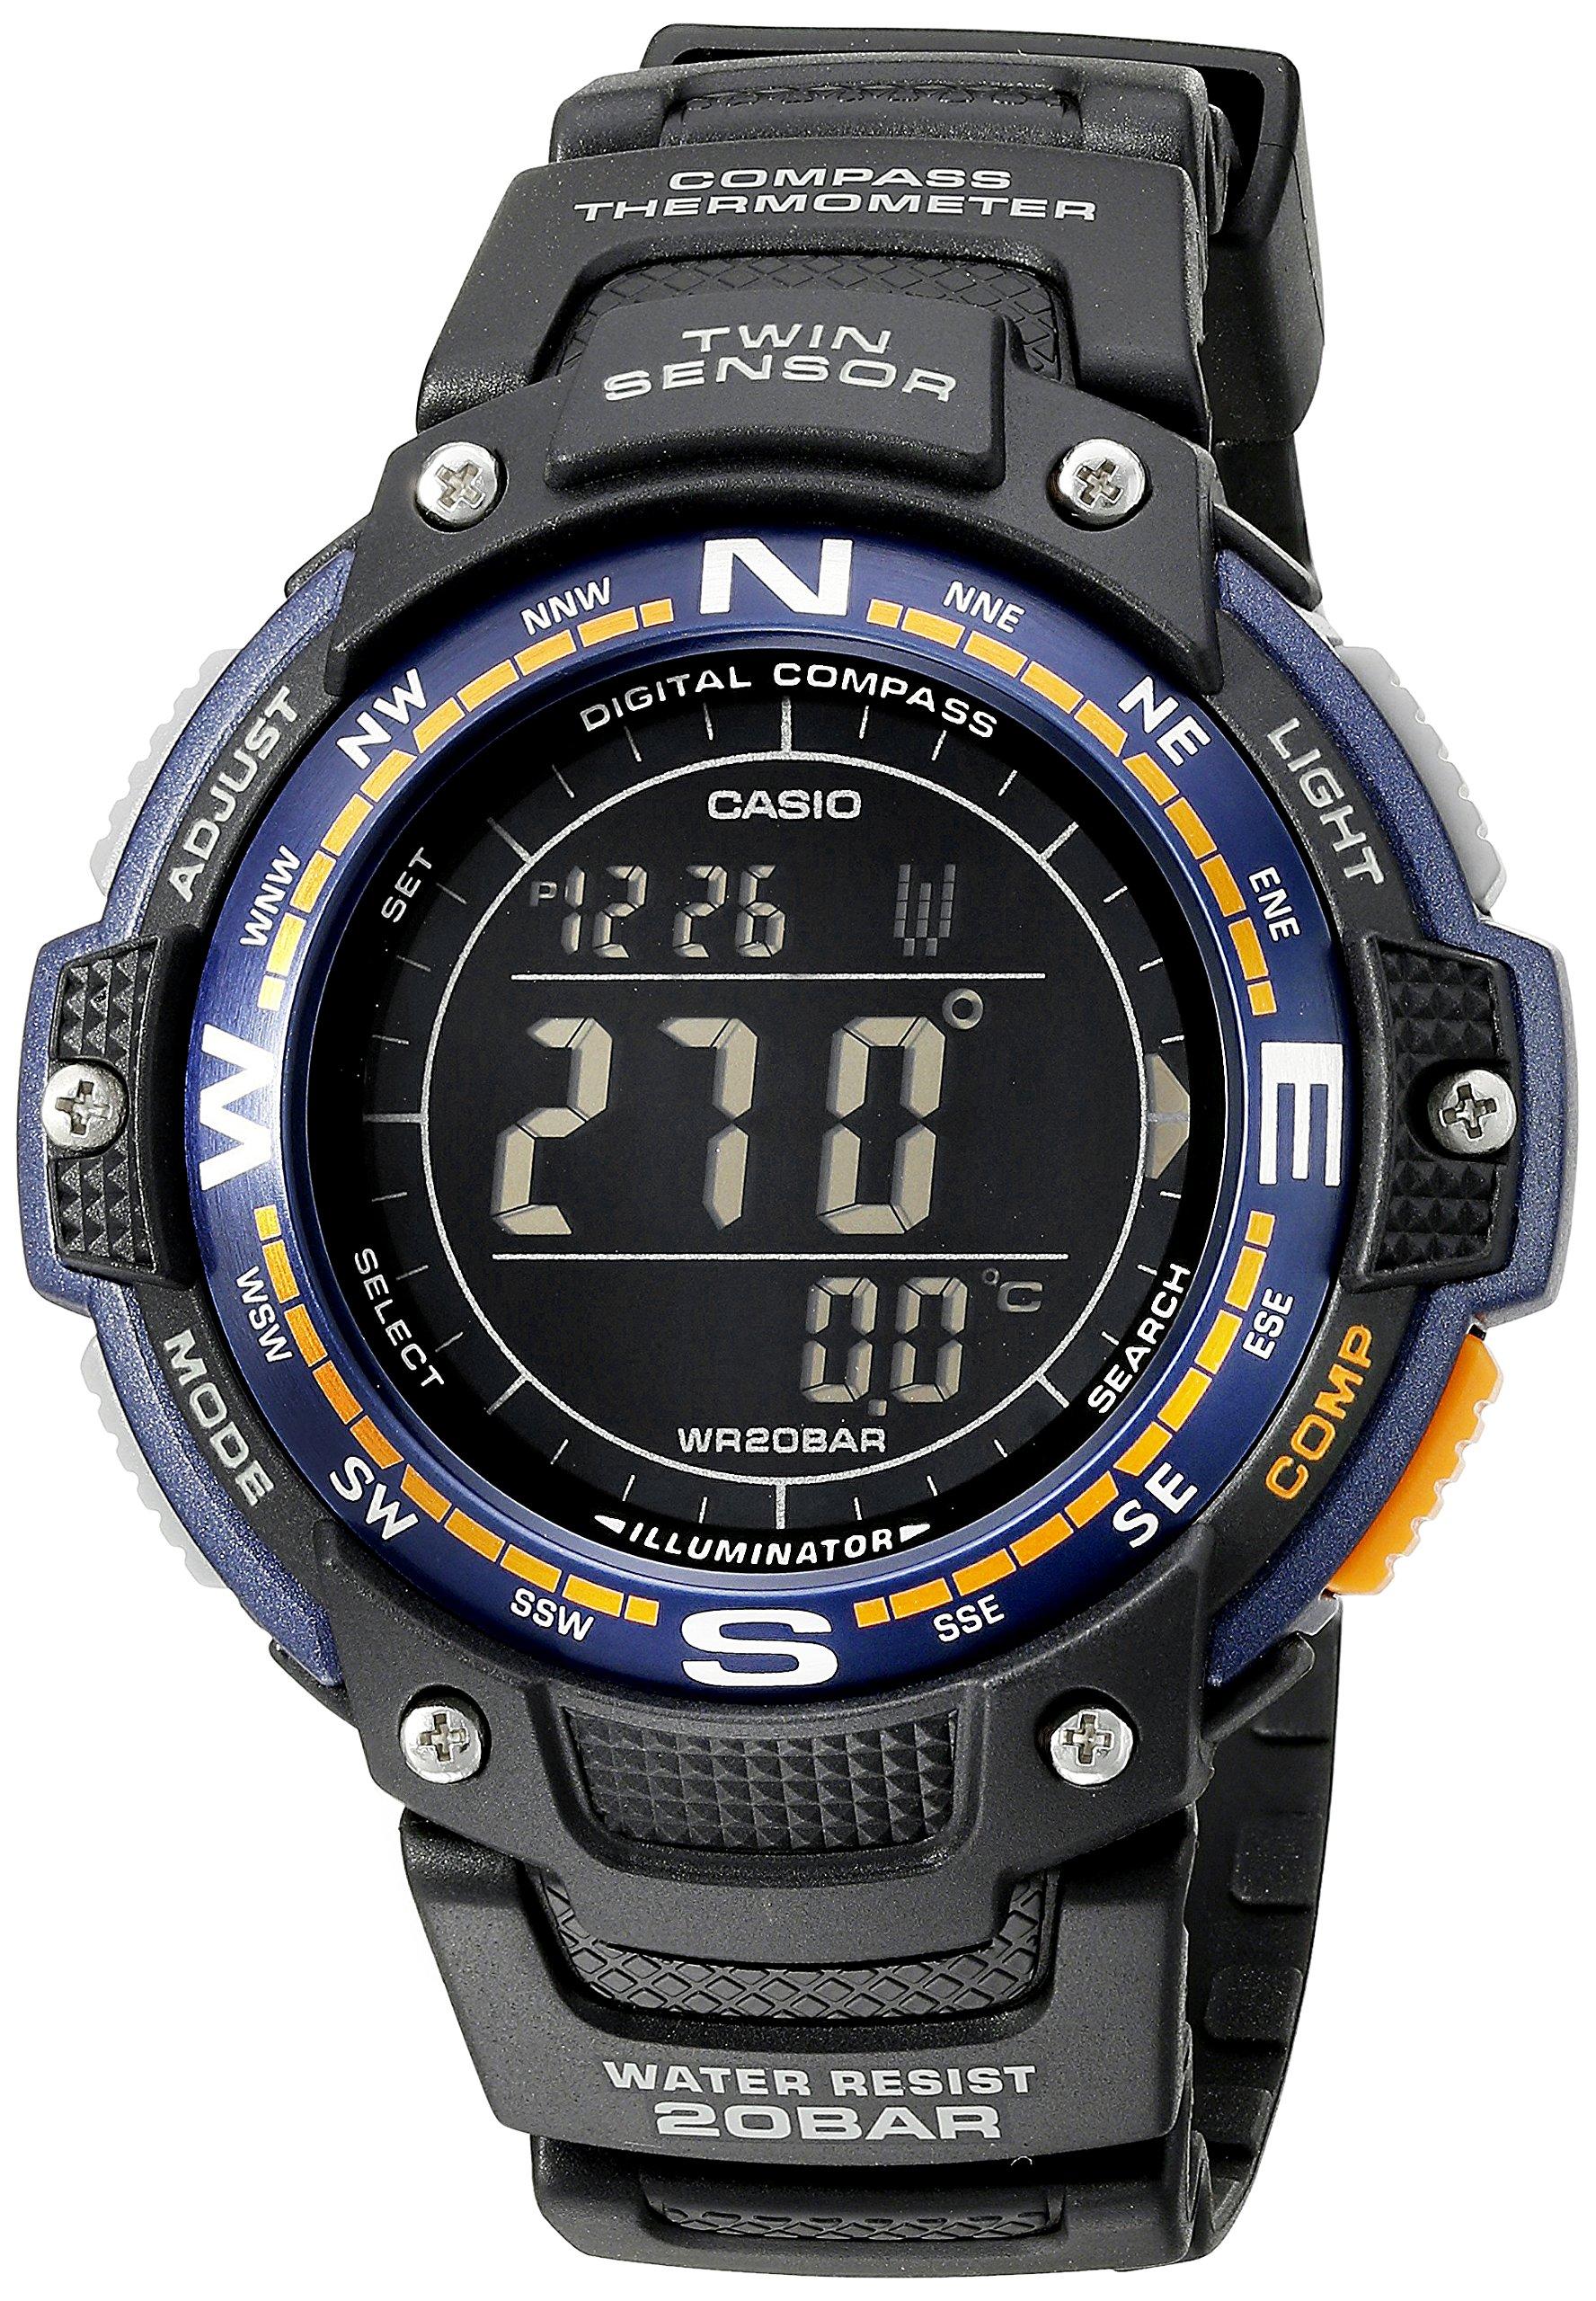 Casio SGW 100 2BCF Sensor Digital Display